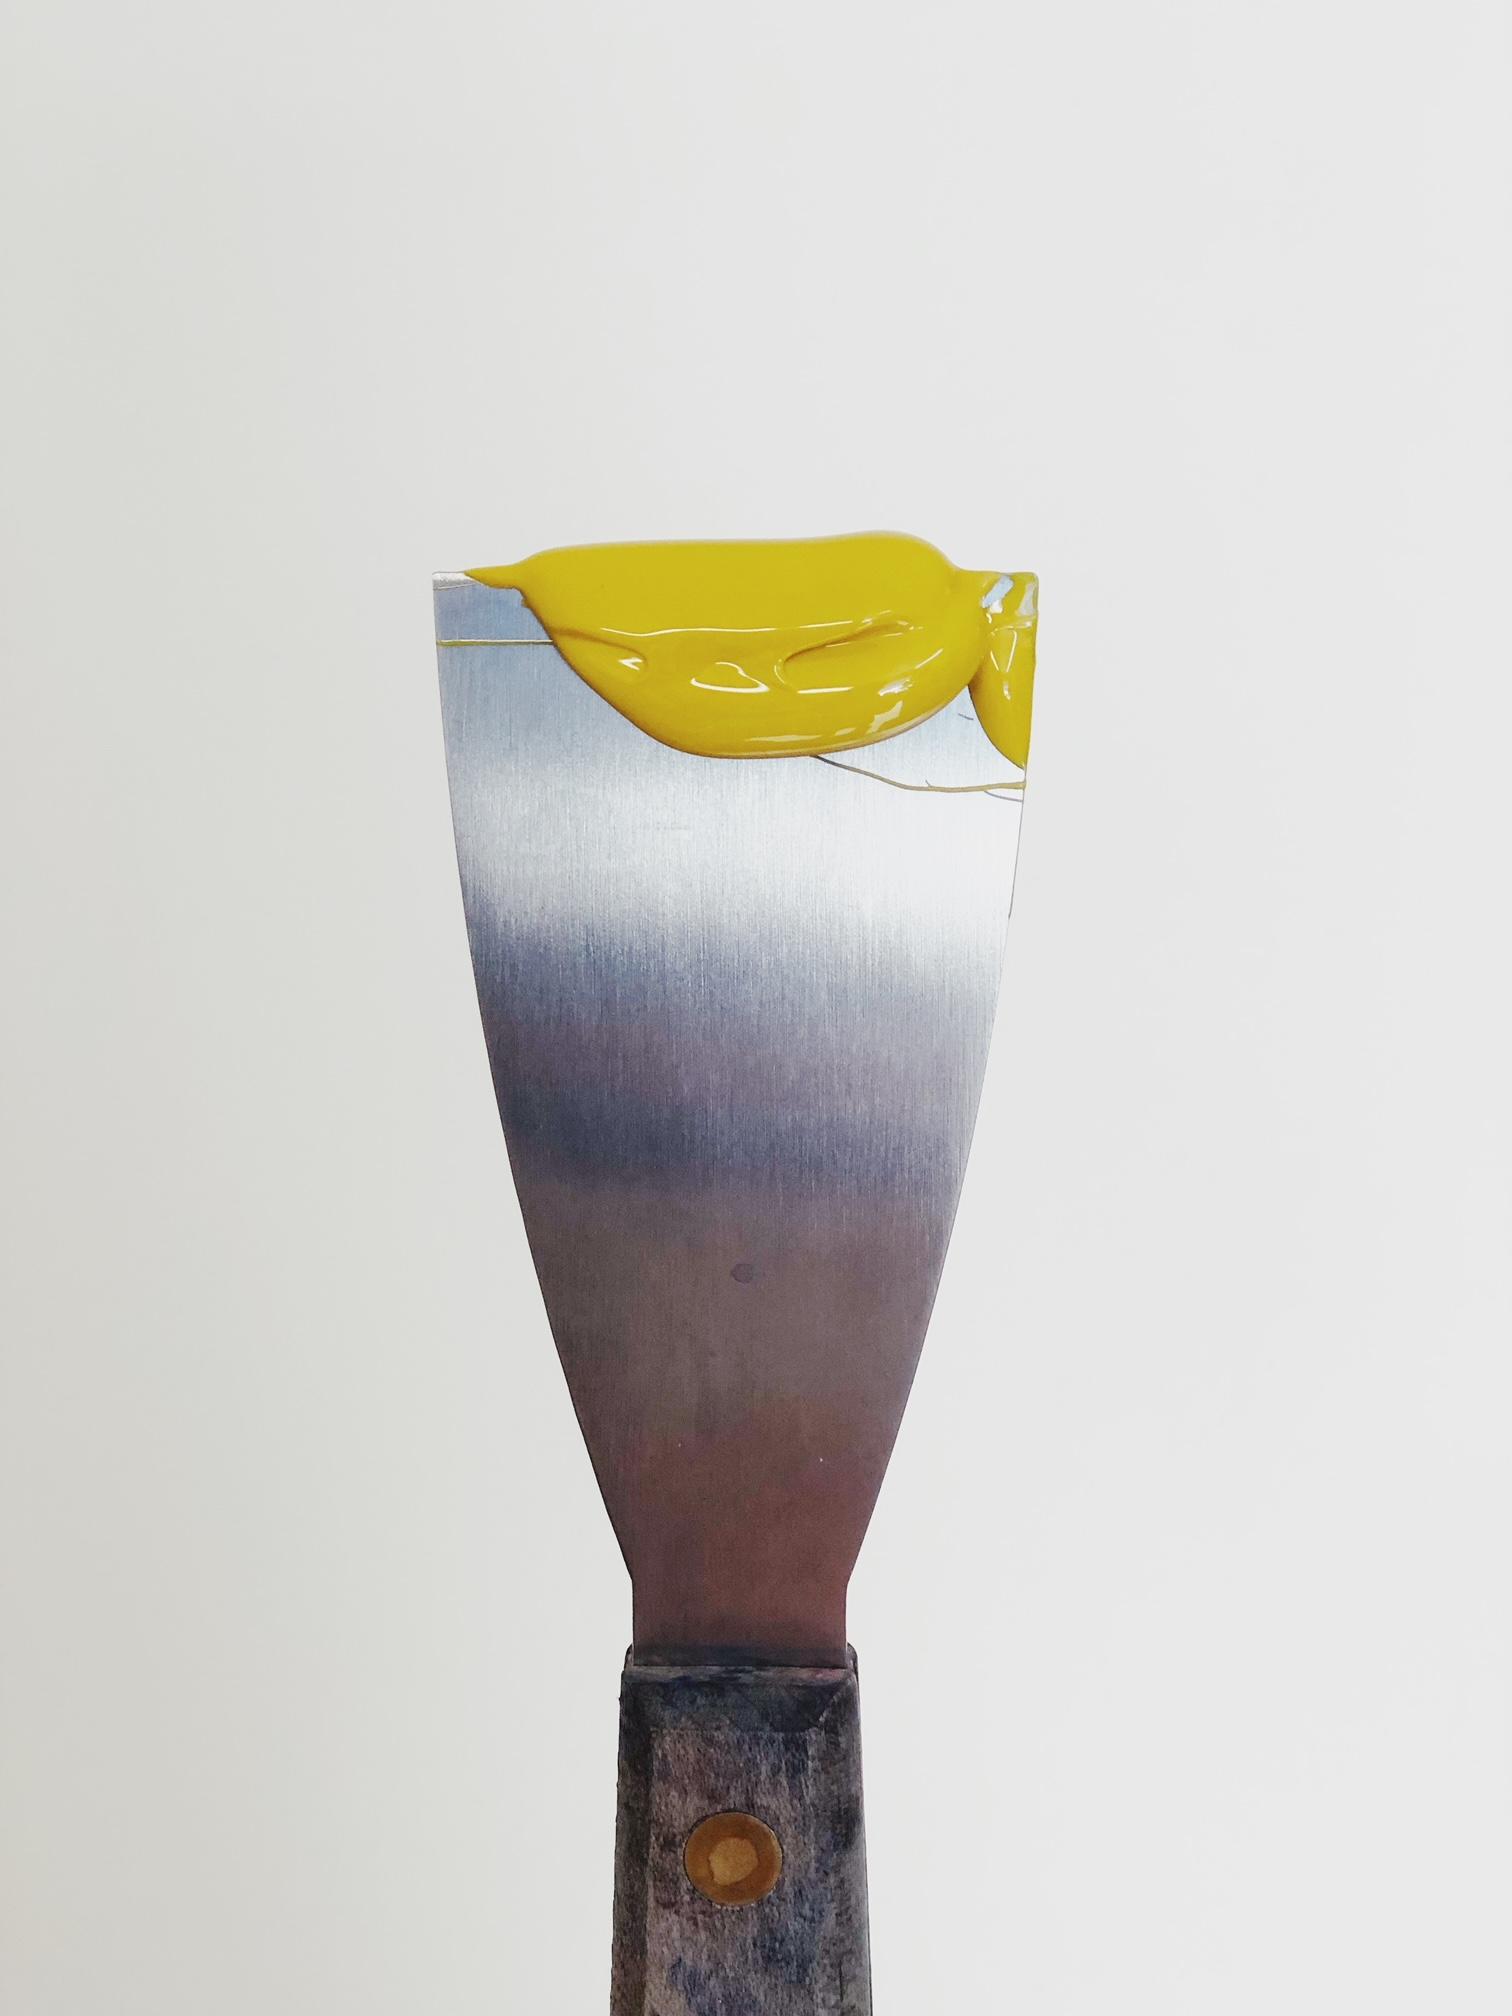 An ink knife for our letterpress workshops